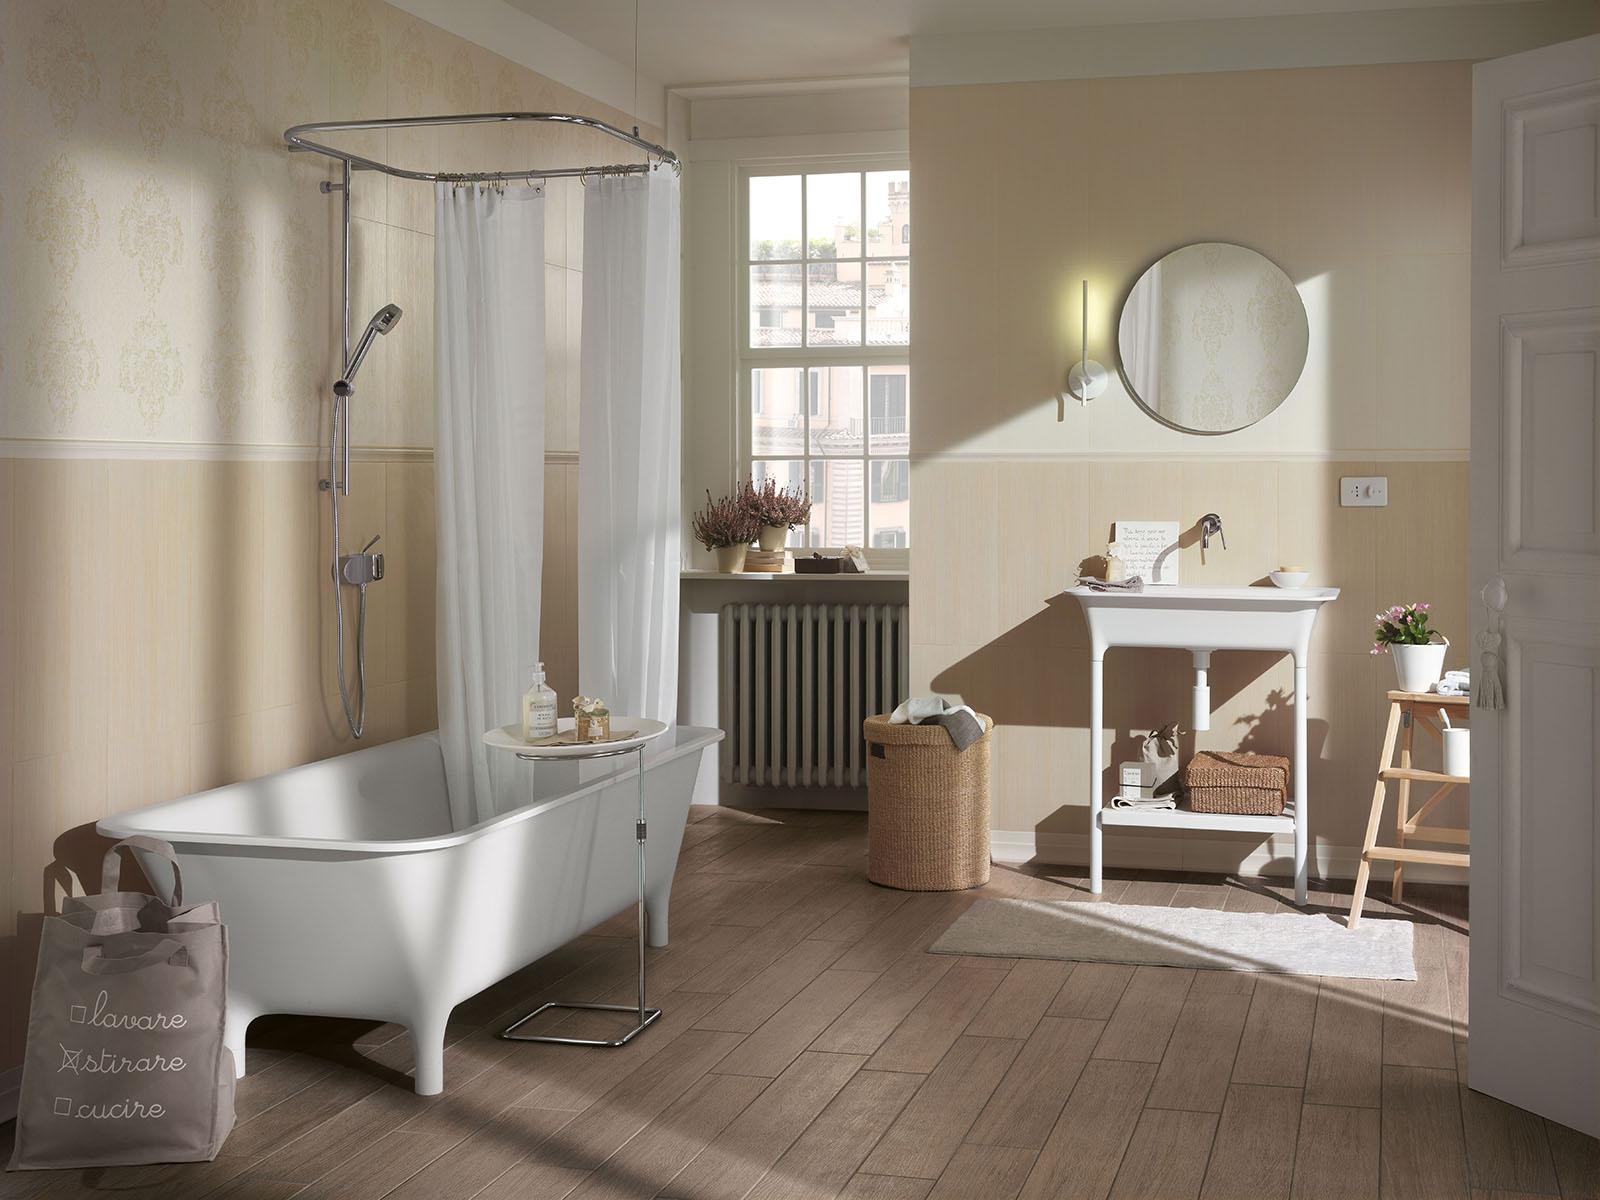 romantique rivestimenti bagni retr ragno. Black Bedroom Furniture Sets. Home Design Ideas